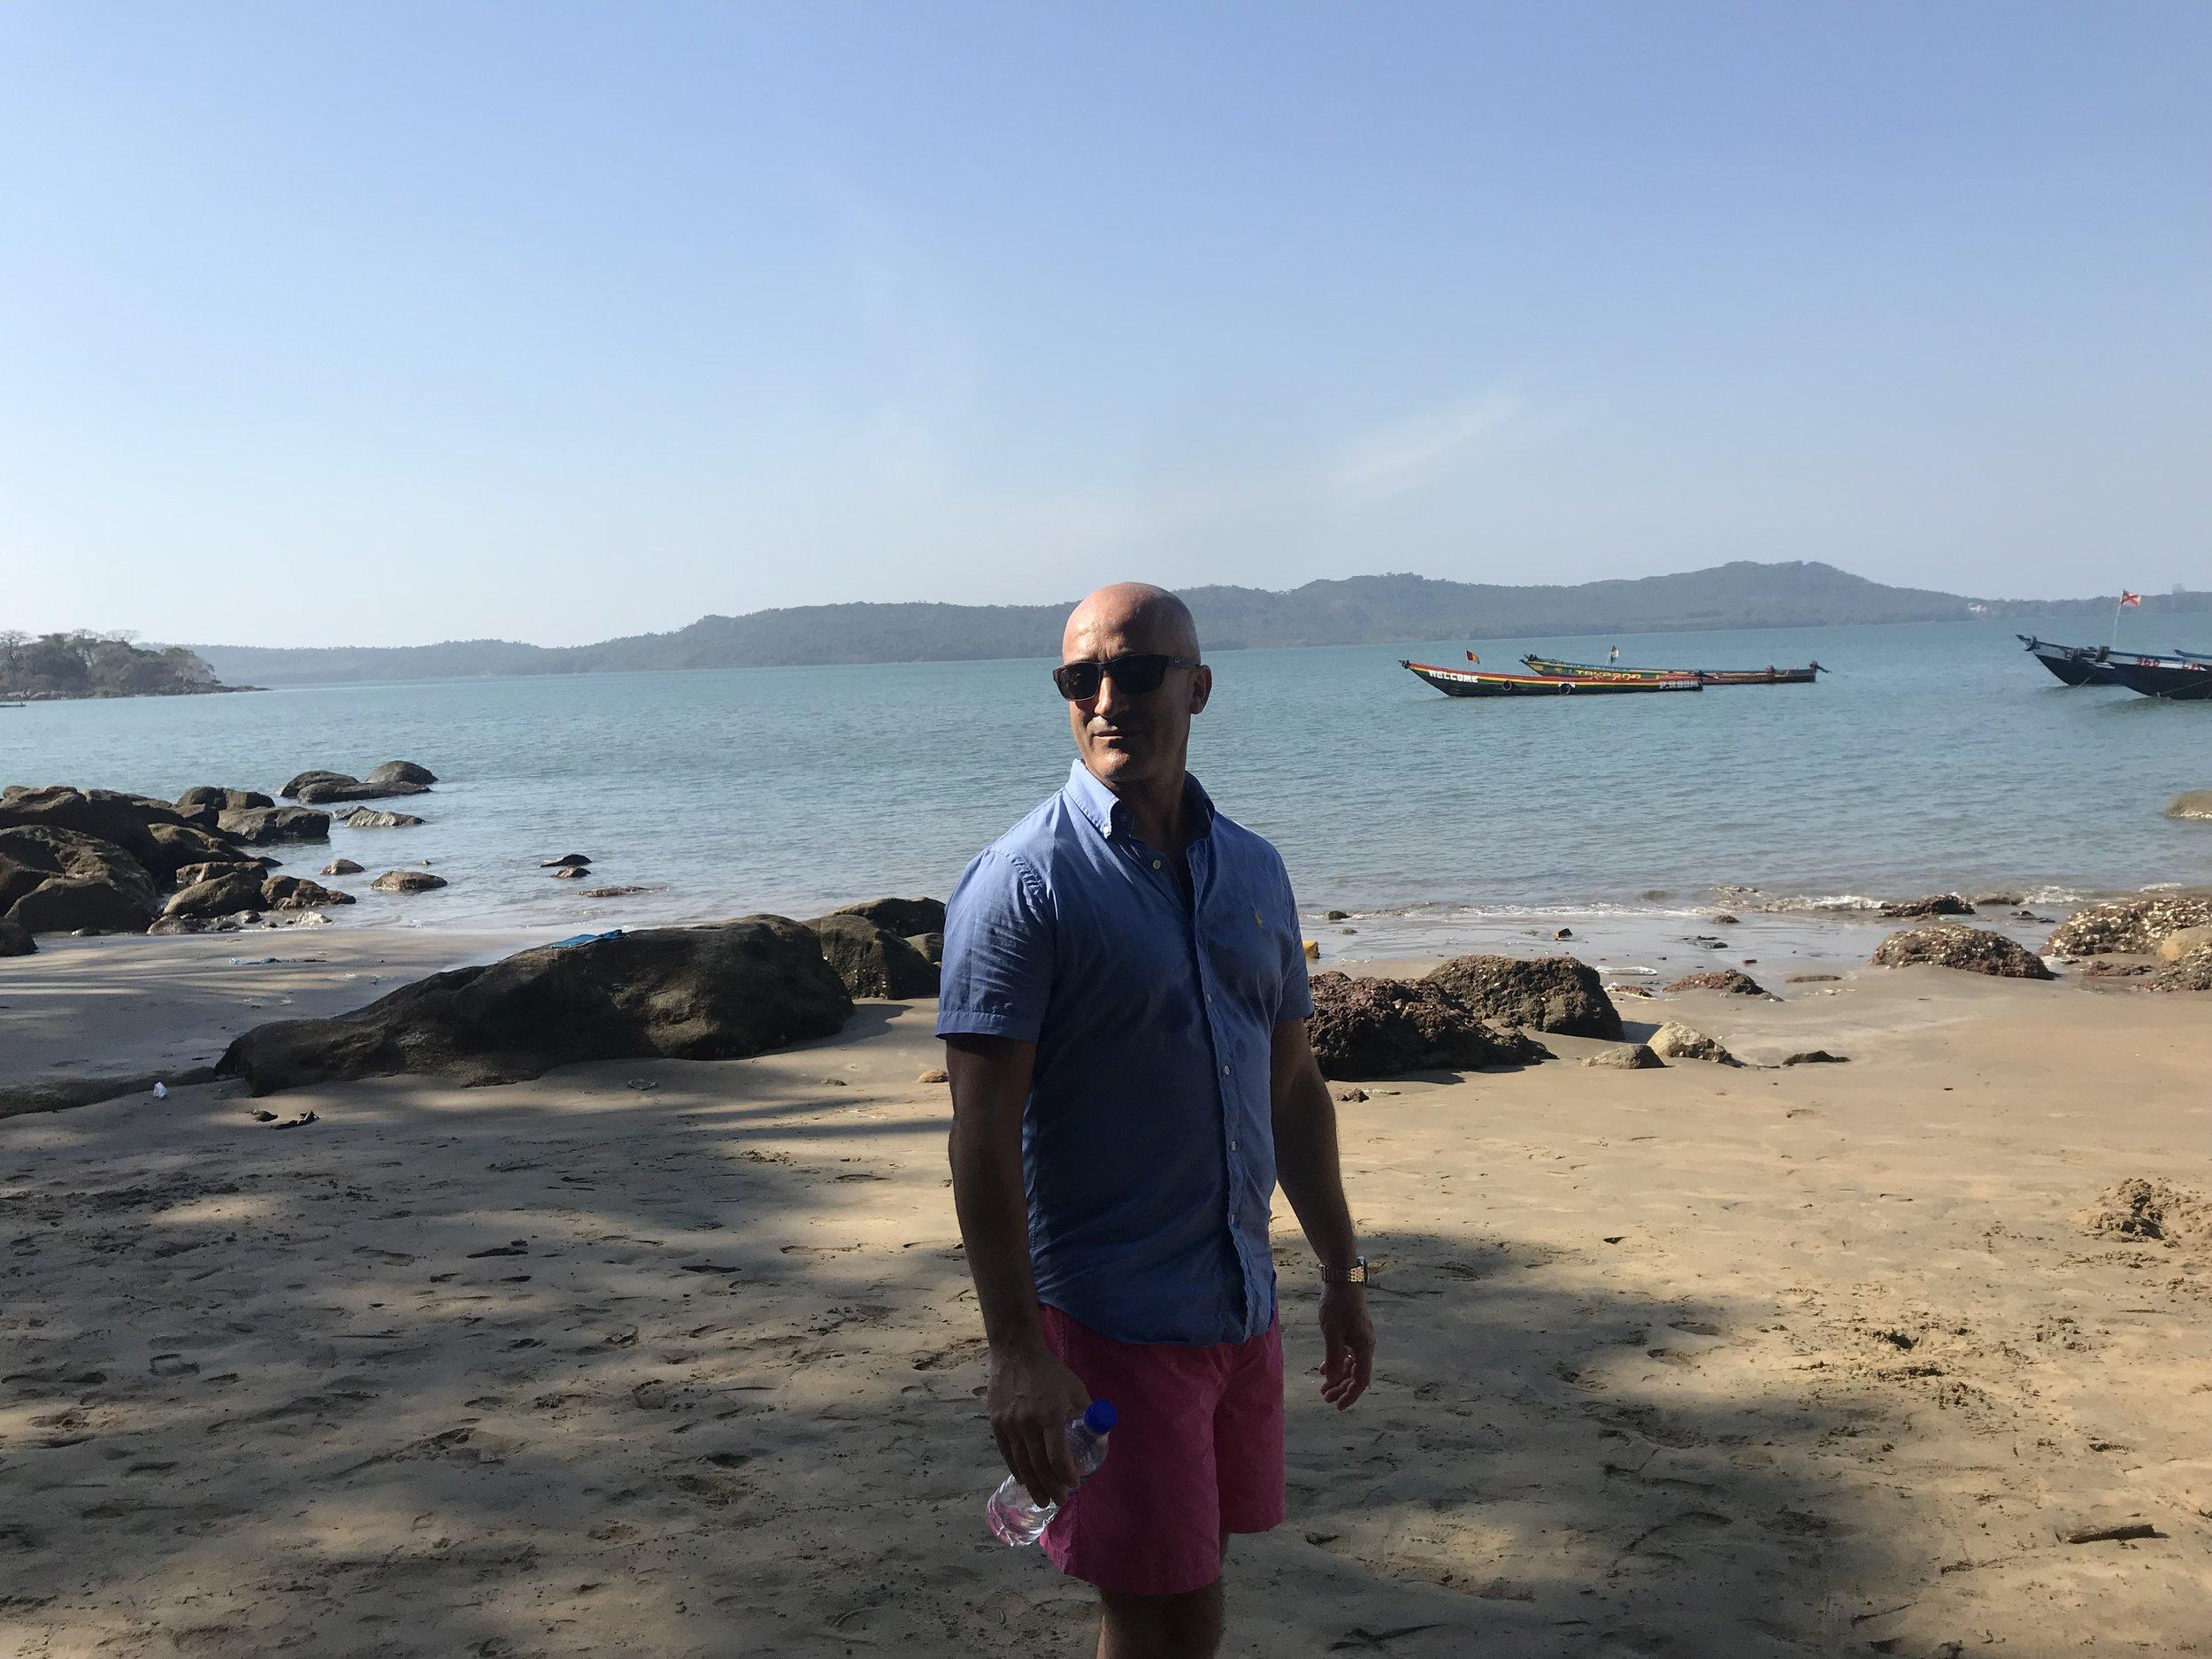 """- """"Le dimanche j'aime me rendre sur les Iles ici visite de l'Ile de Roume avec un très bon lunch chez Jeannot patron de la Villa Elijah Maison d'Hôtes""""http://www.villaelijahguineeconakry.com/en/index.htm"""